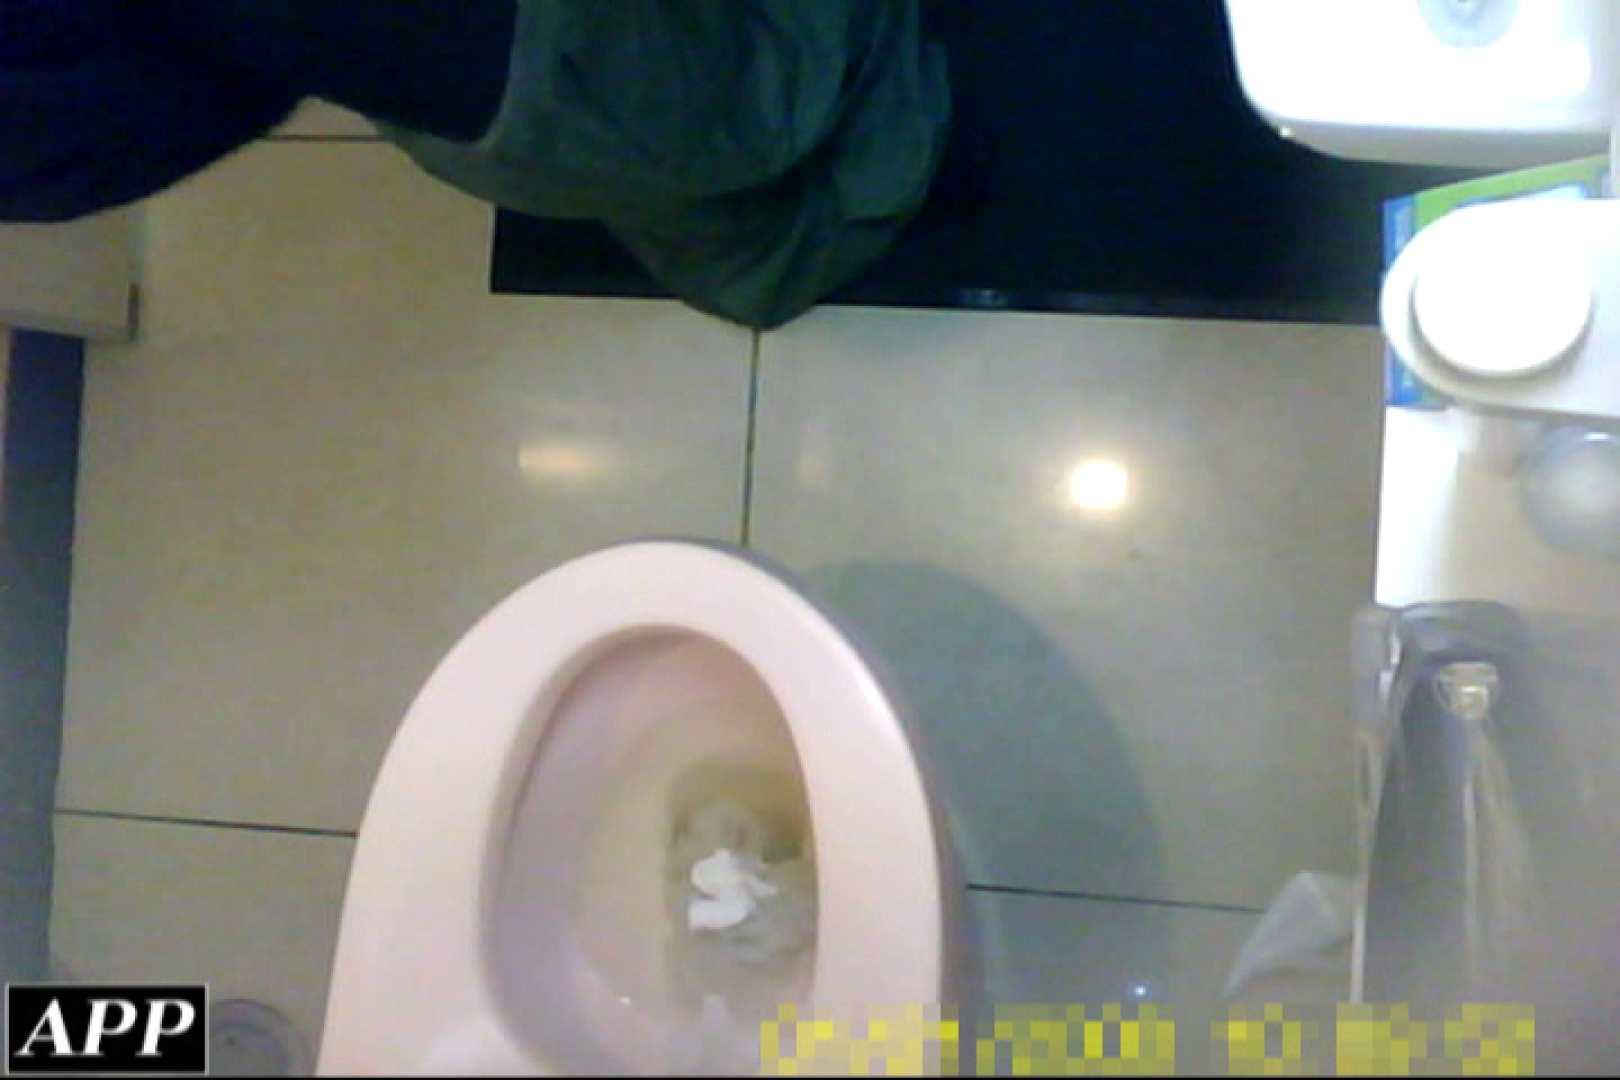 3視点洗面所 vol.95 オマンコもろ | マンコエロすぎ  99PIX 21